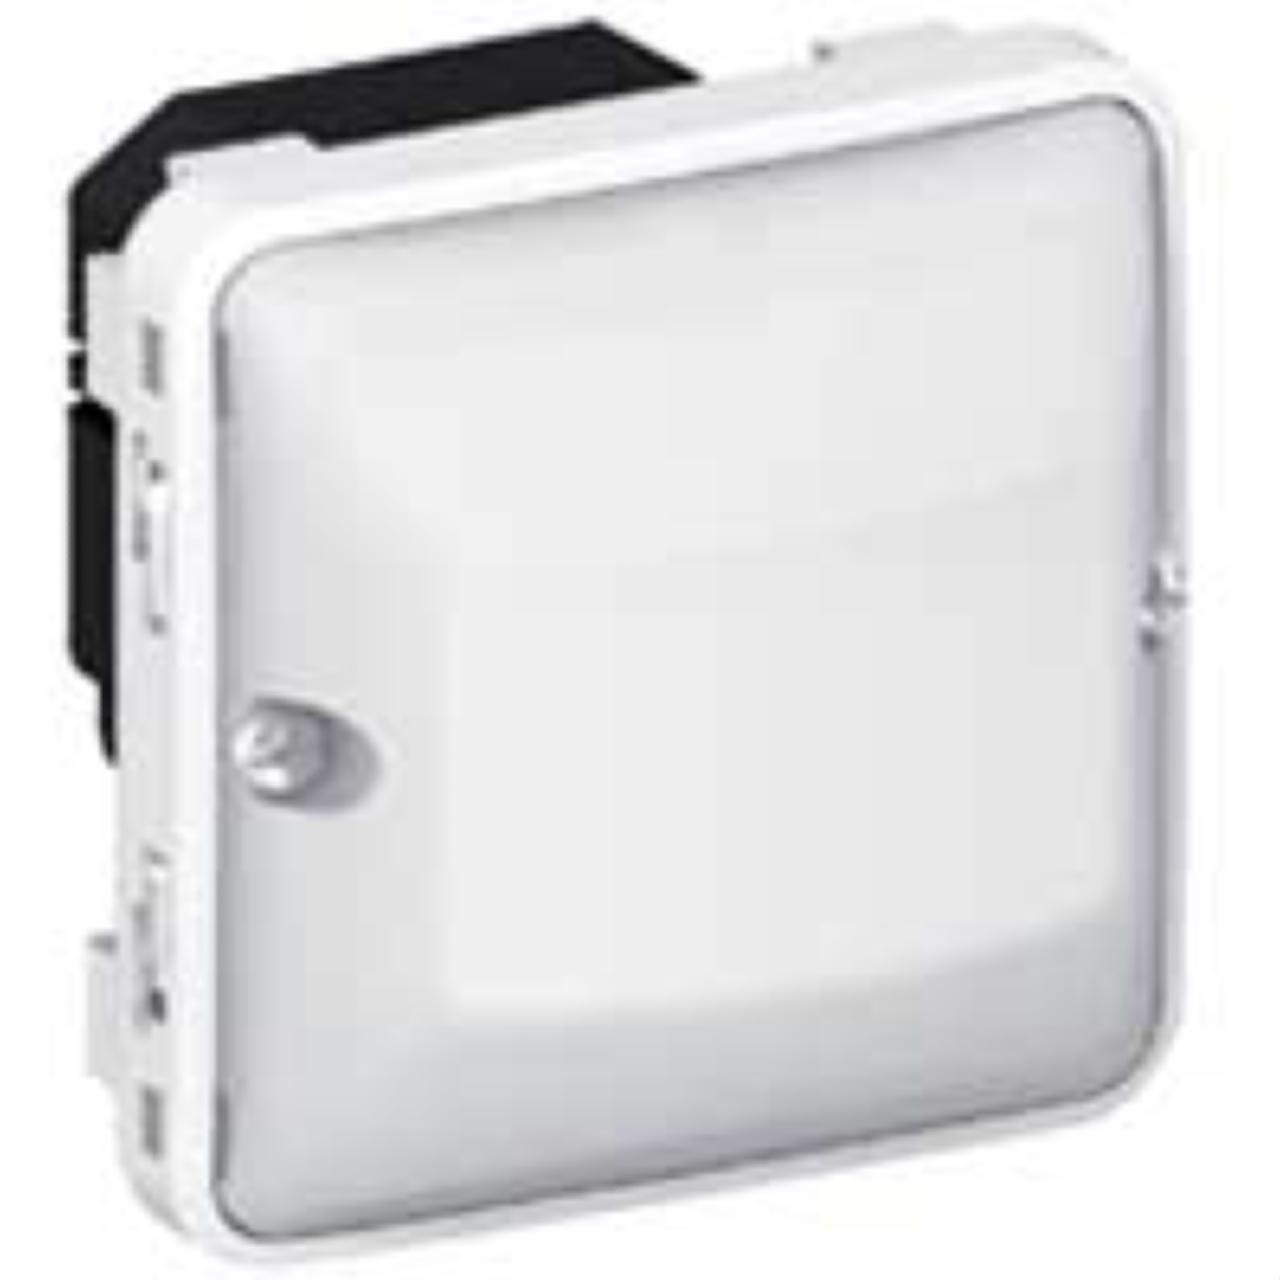 interrupteur automatique sans neutre 60 300 watts legrand. Black Bedroom Furniture Sets. Home Design Ideas